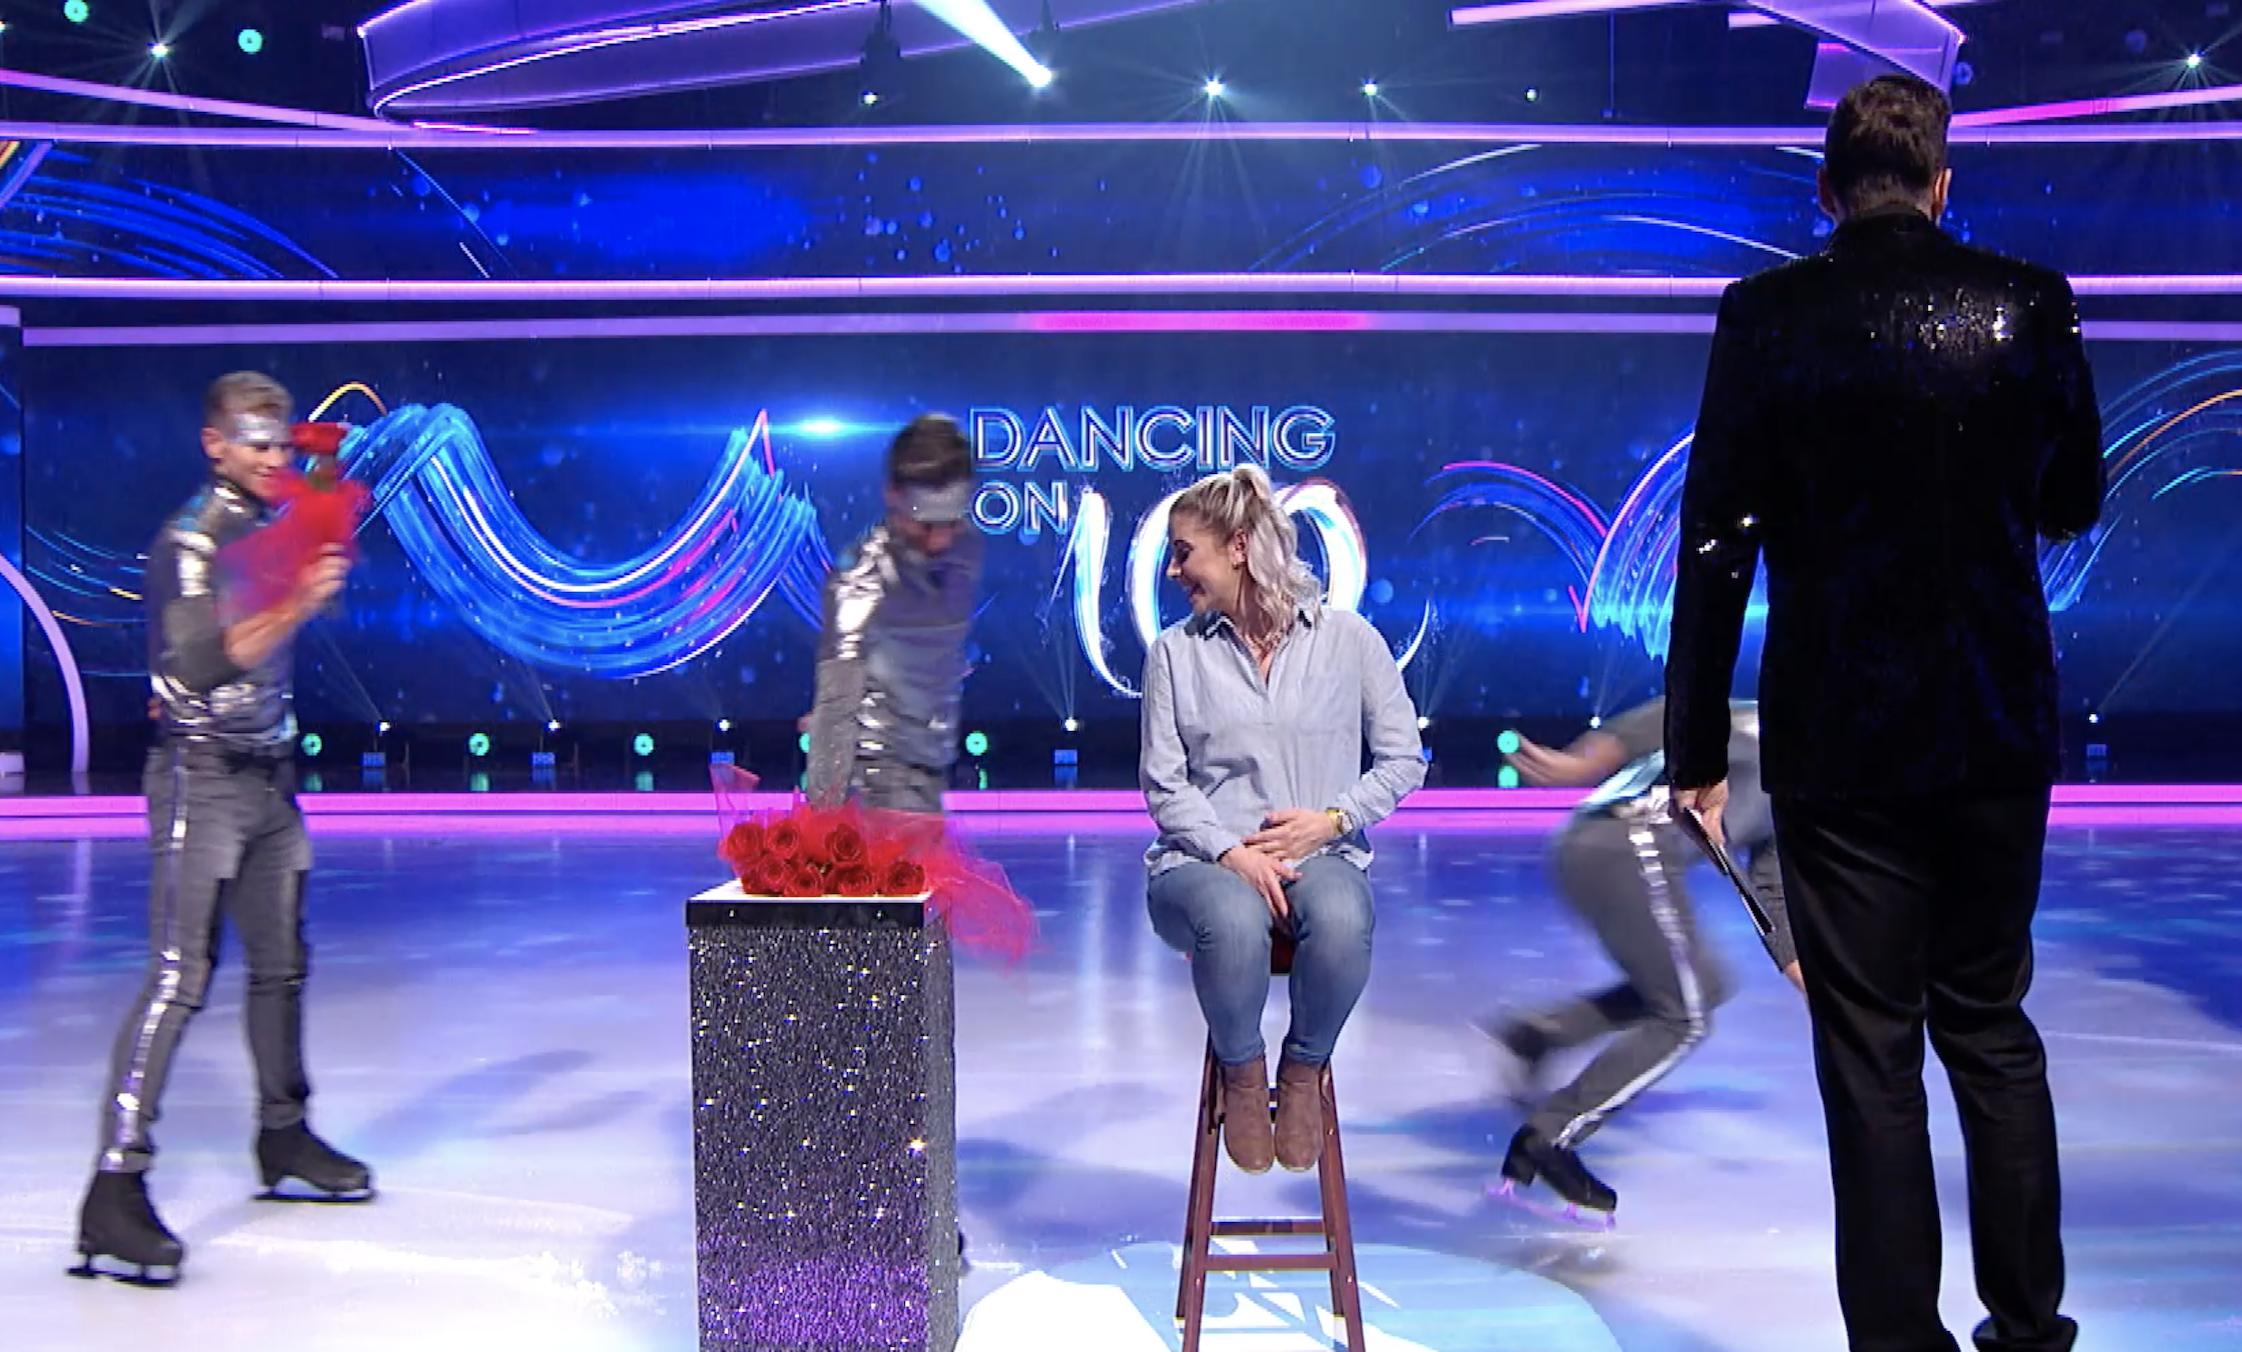 Aquí está la propuesta de boda de Dancing on Ice que no pudiste ver en TV